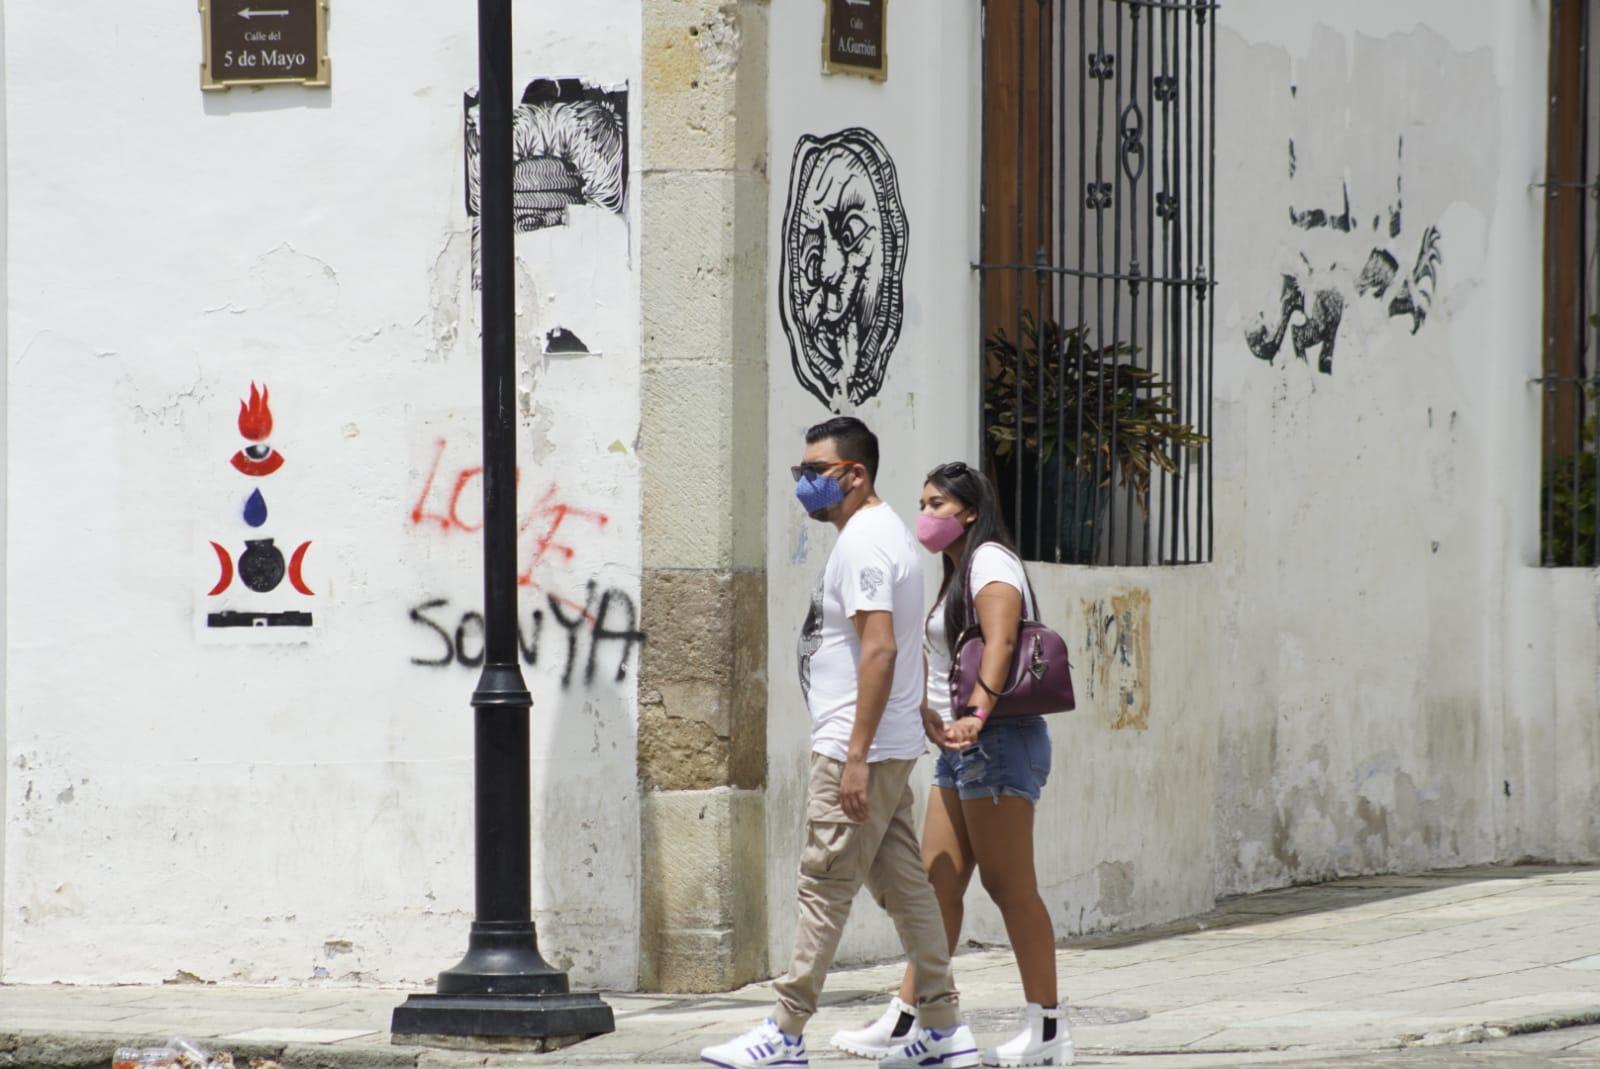 Registran 415 nuevos casos de Covid-19 en Oaxaca; hay mil 730 activos